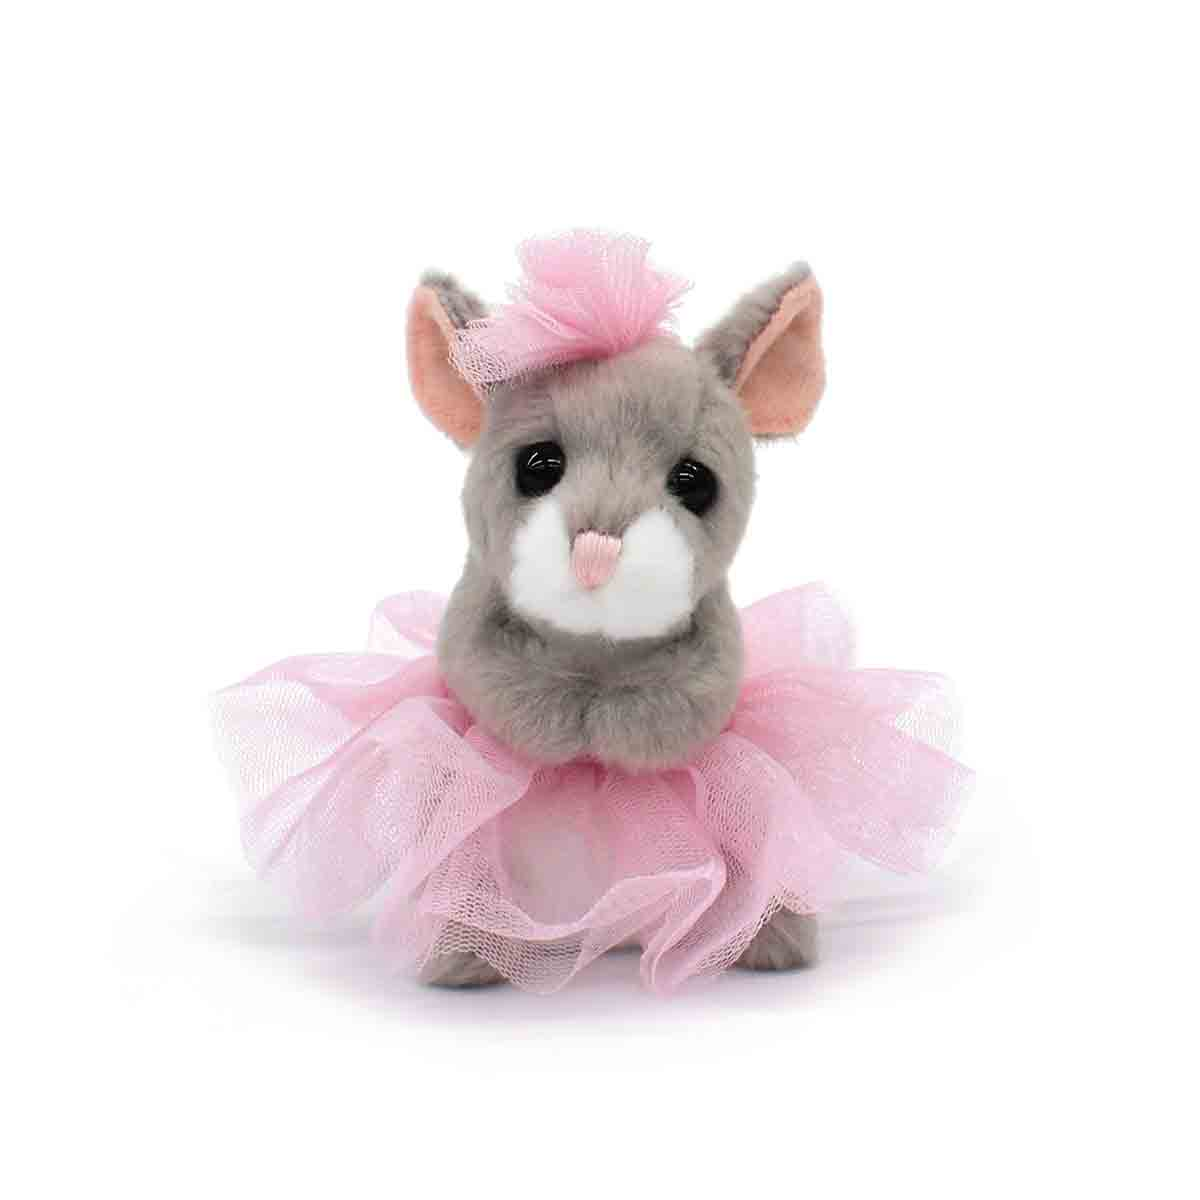 ぬいぐるみ・人形, ぬいぐるみ  douglas toy Stuffed animals Plush Muose